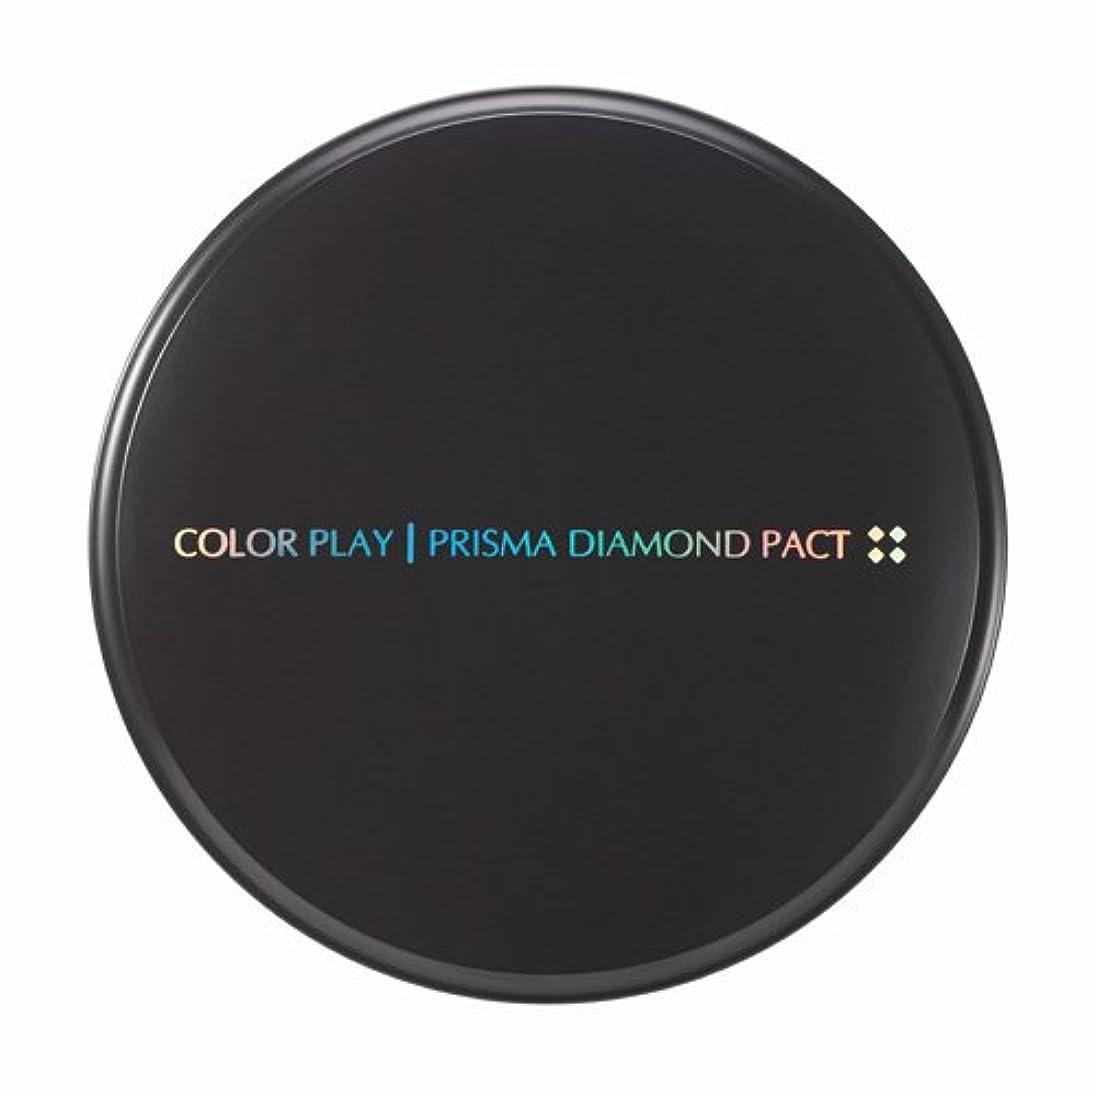 嬉しいですまだ歯痛【It's skin(イッツスキン)】 Prisma Diamond Pact プリズマ ダイアモンド パクト SPF25,PA++ 21号:ライトベージュ